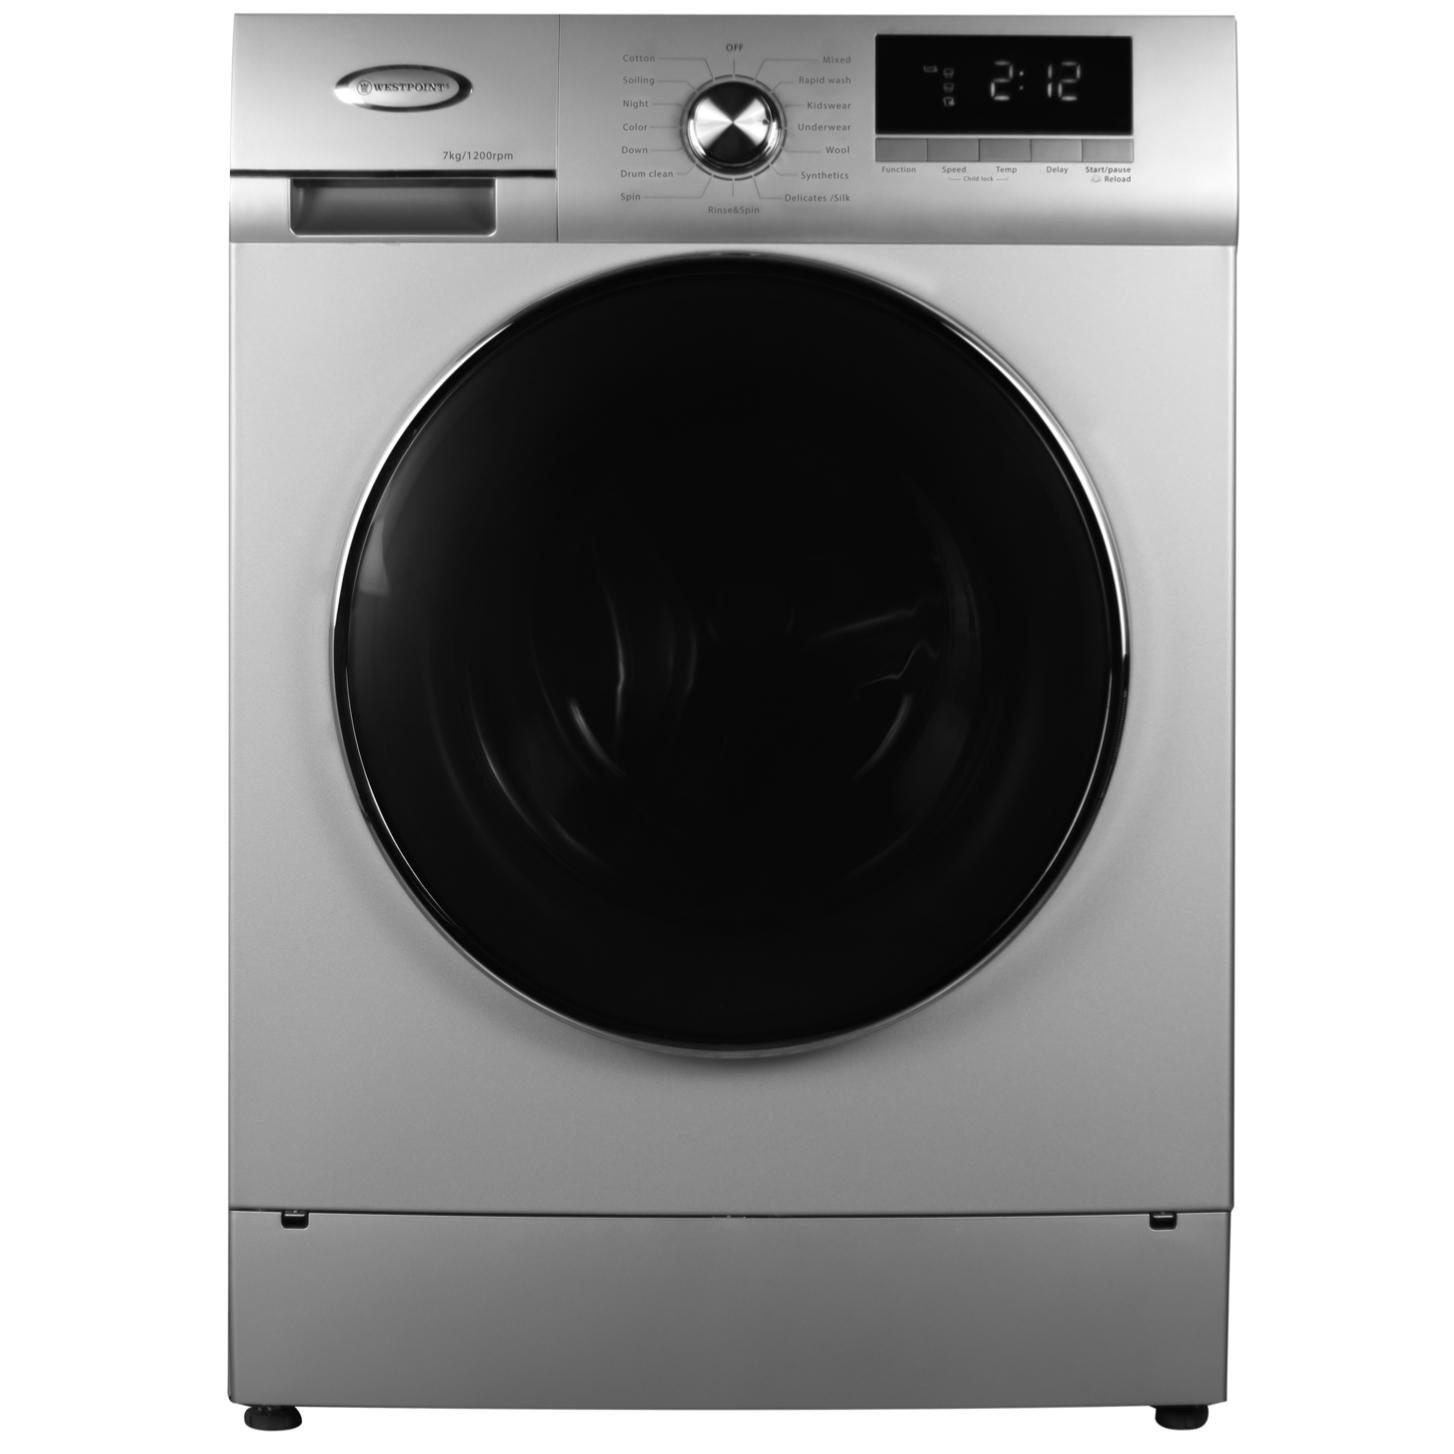 خرید ماشین لباسشویی وست پوینت مدل WMX71219-E ظرفیت ۷ کیلوگرم